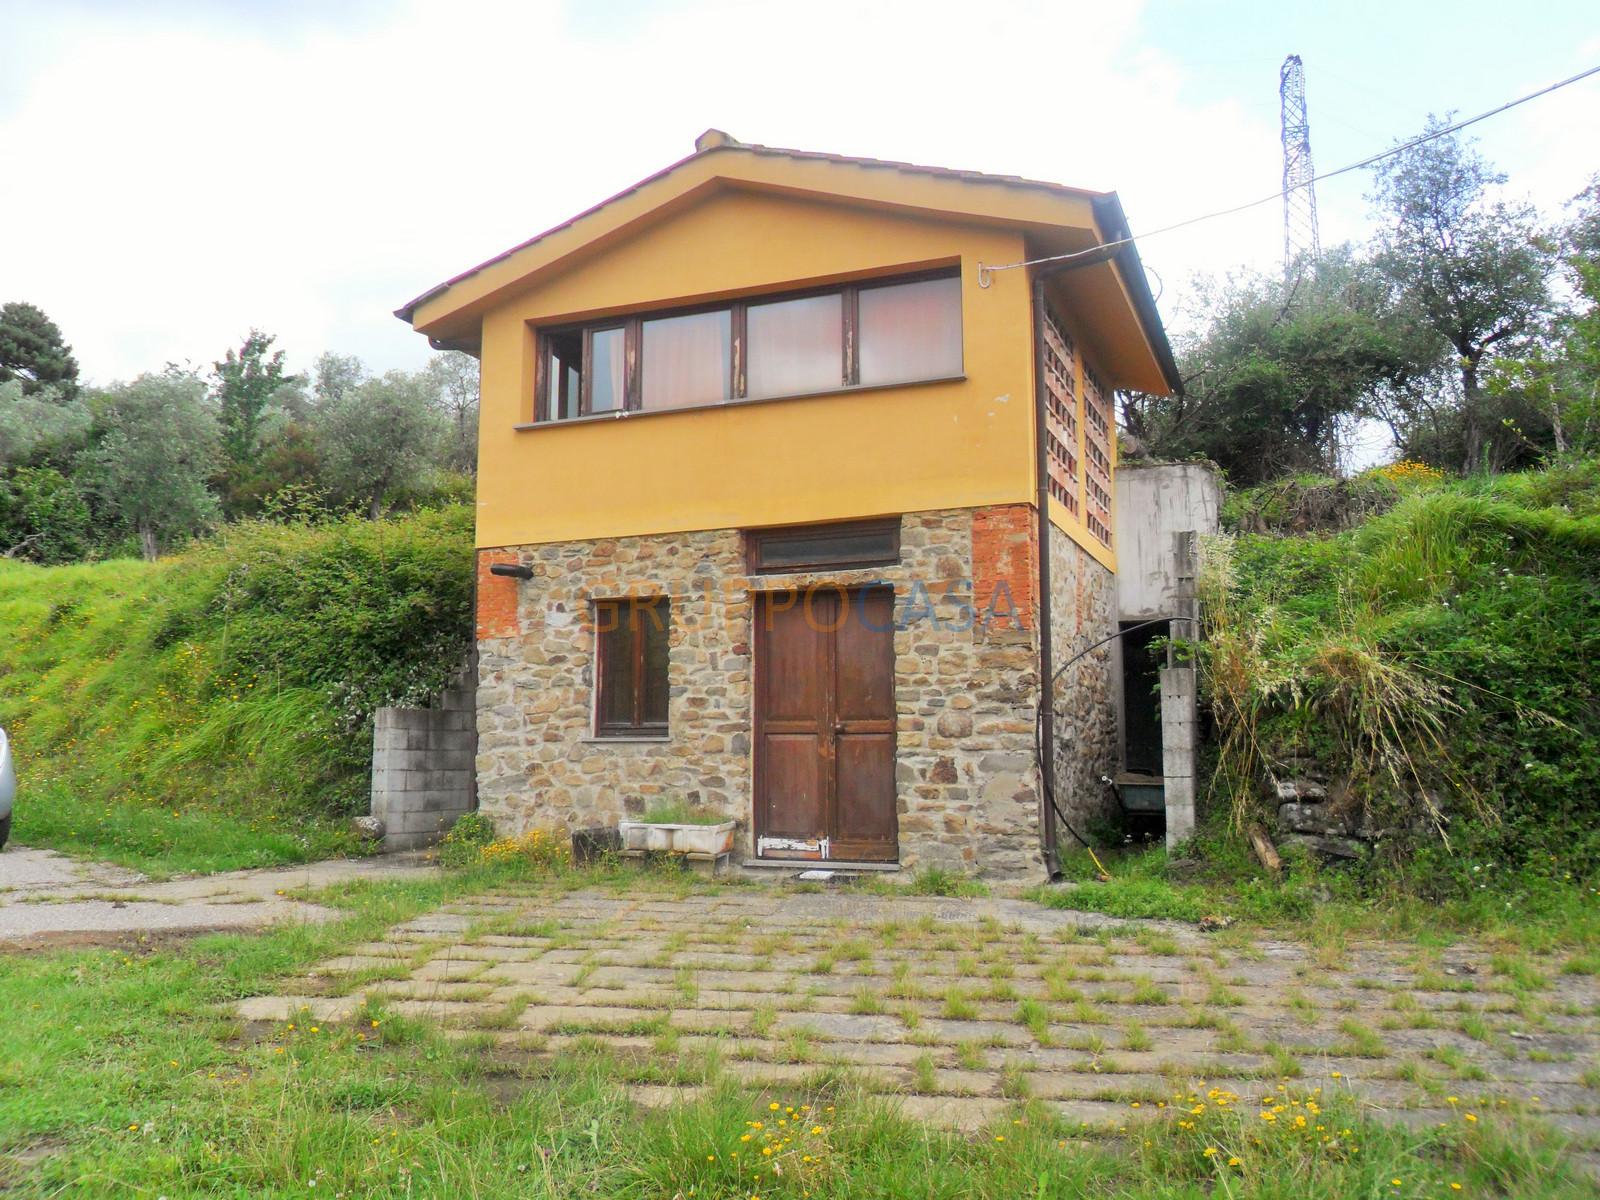 Soluzione Indipendente in vendita a Pescia, 7 locali, zona Località: Periferia, prezzo € 350.000   Cambio Casa.it